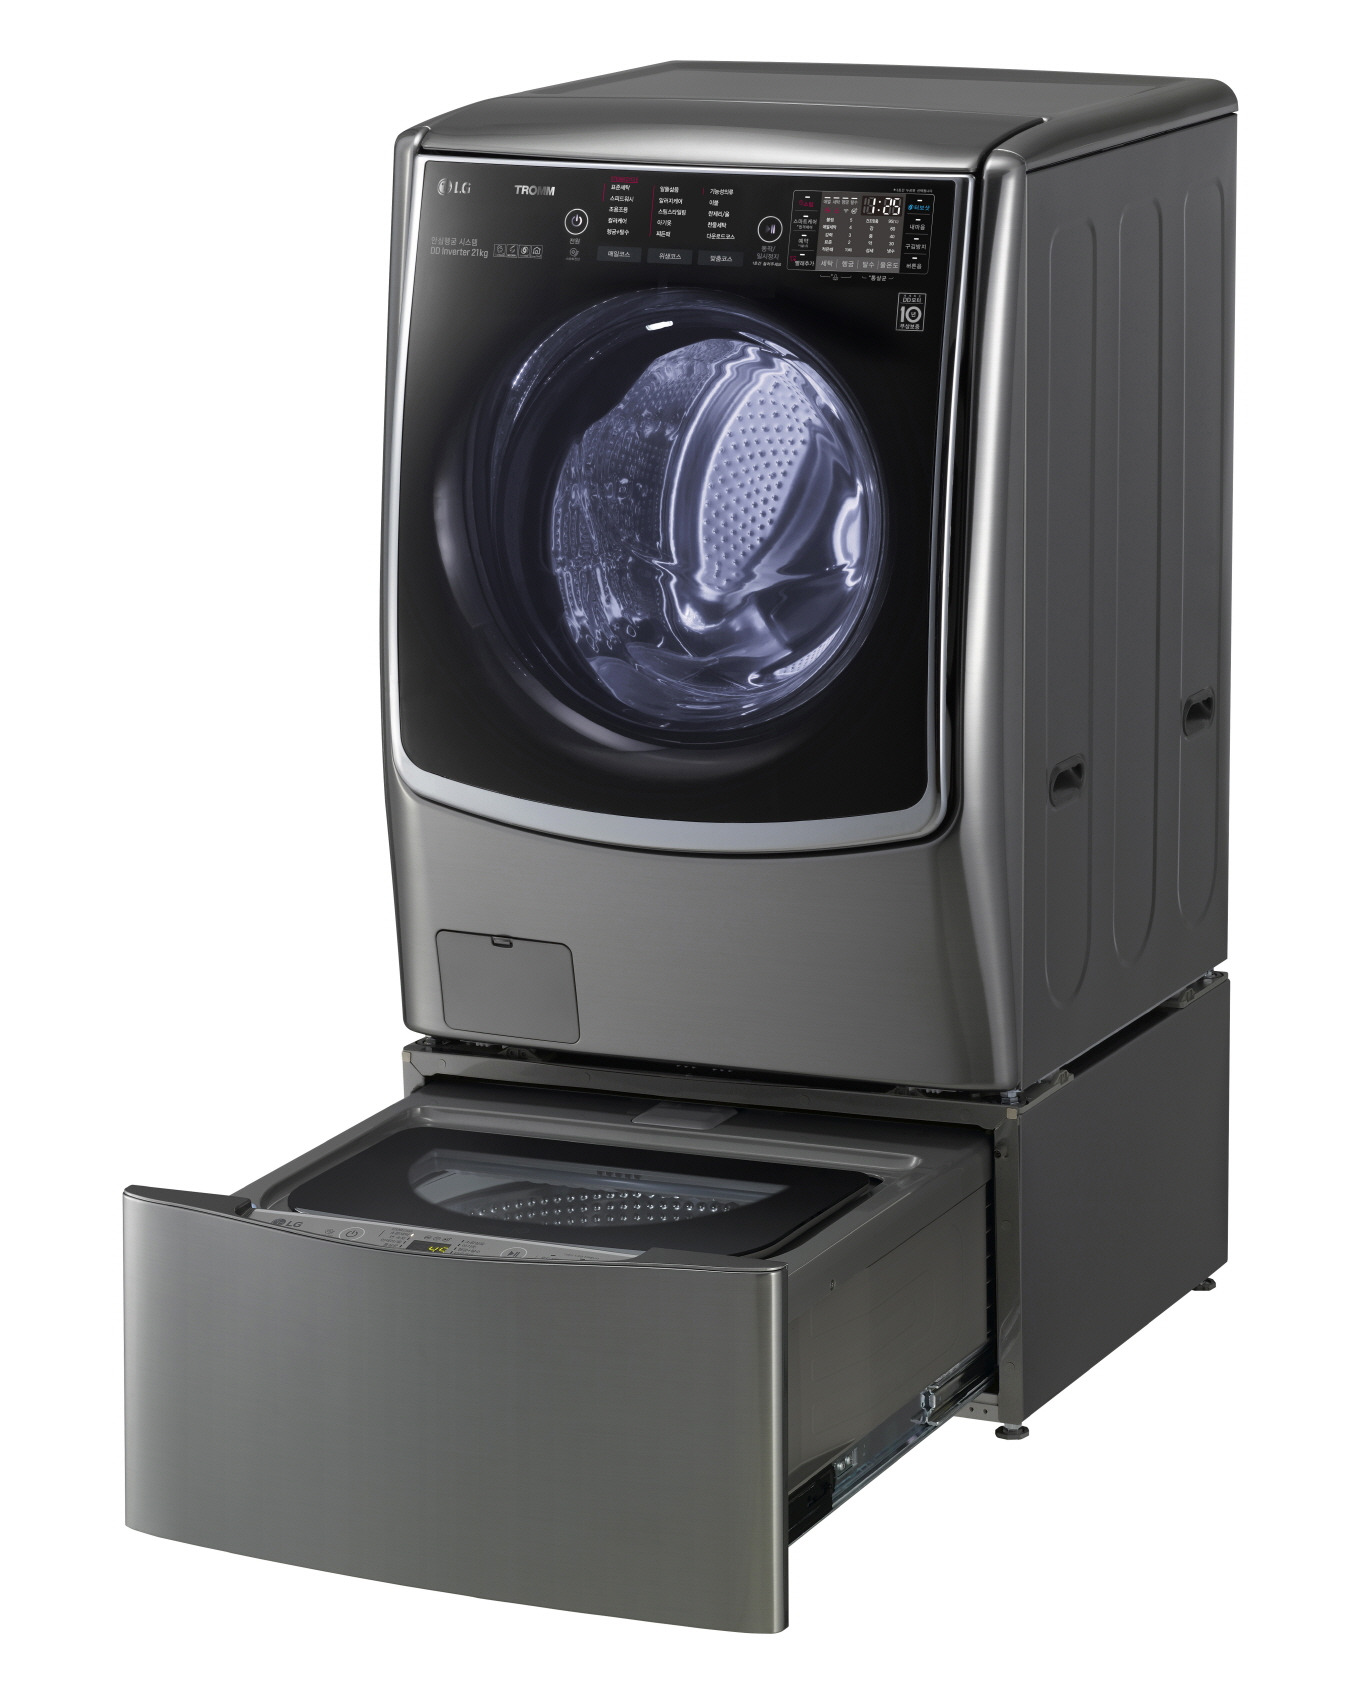 2015년 LG전자가 세계 최초로 드럼세탁기 하단에 통돌이세탁기를 결합해 새로운 세탁문화를 만든 '트롬 트윈워시'